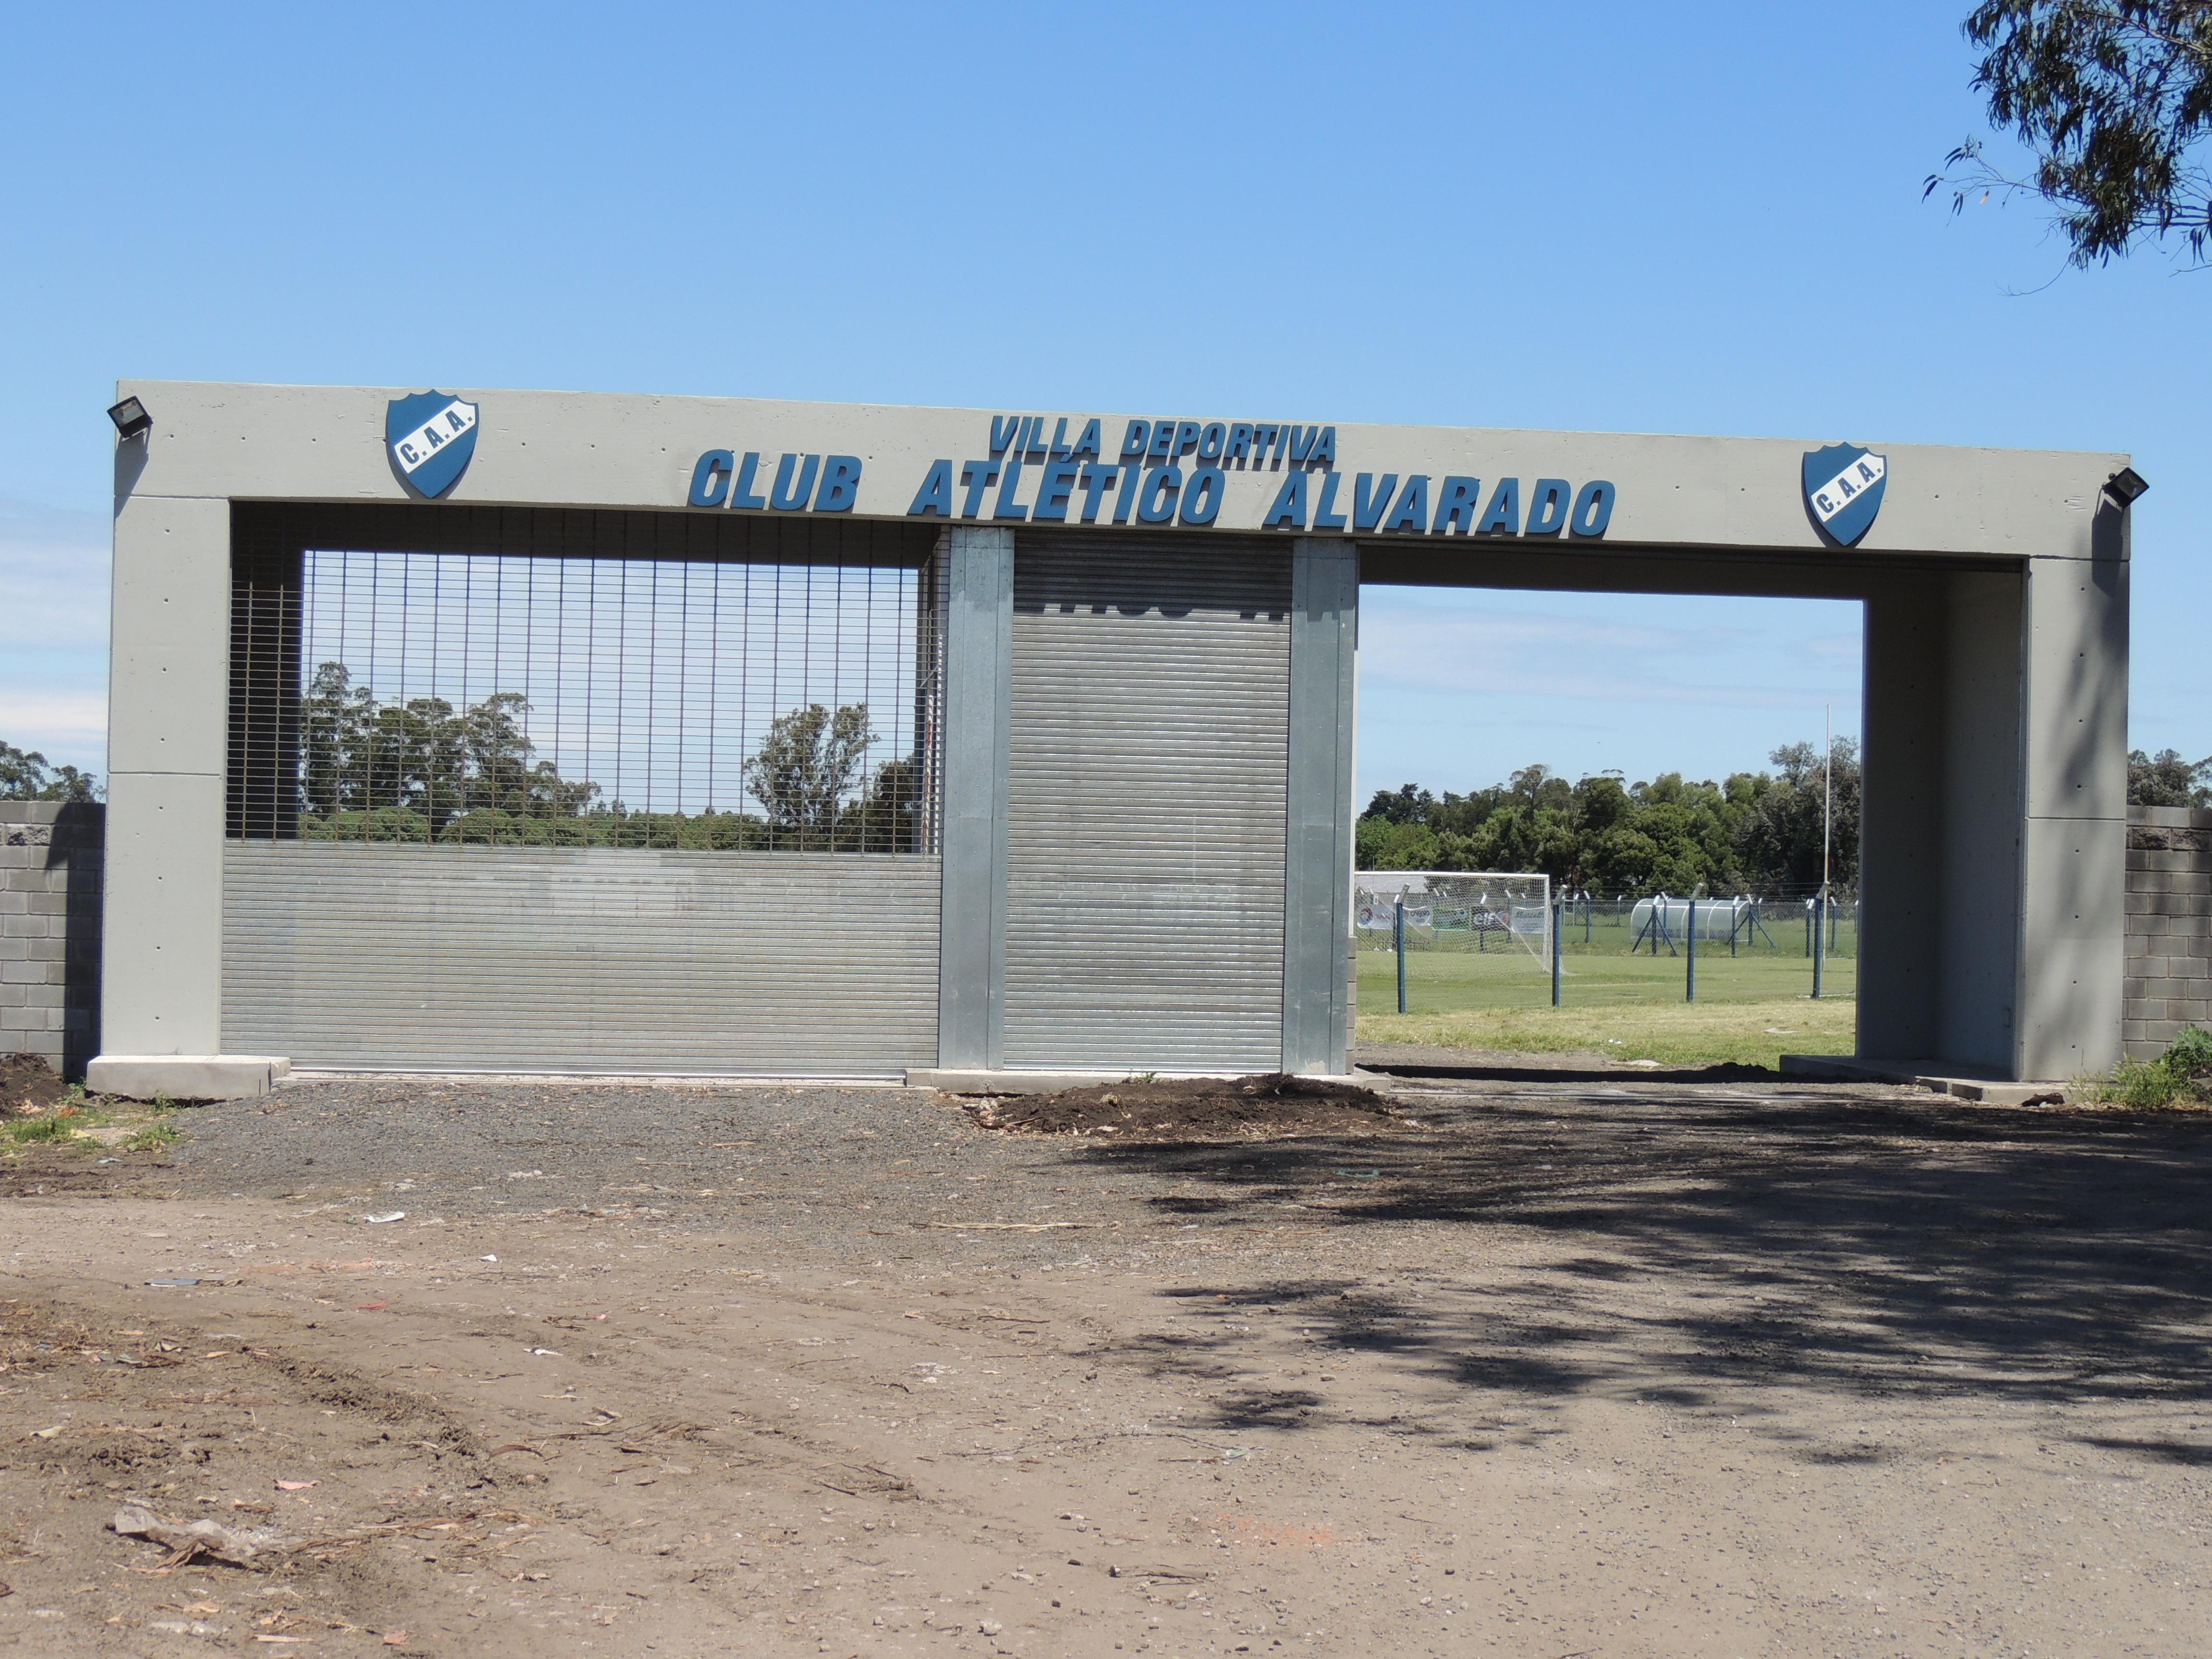 Alvarado jugará en su Villa Deportiva el sábado.